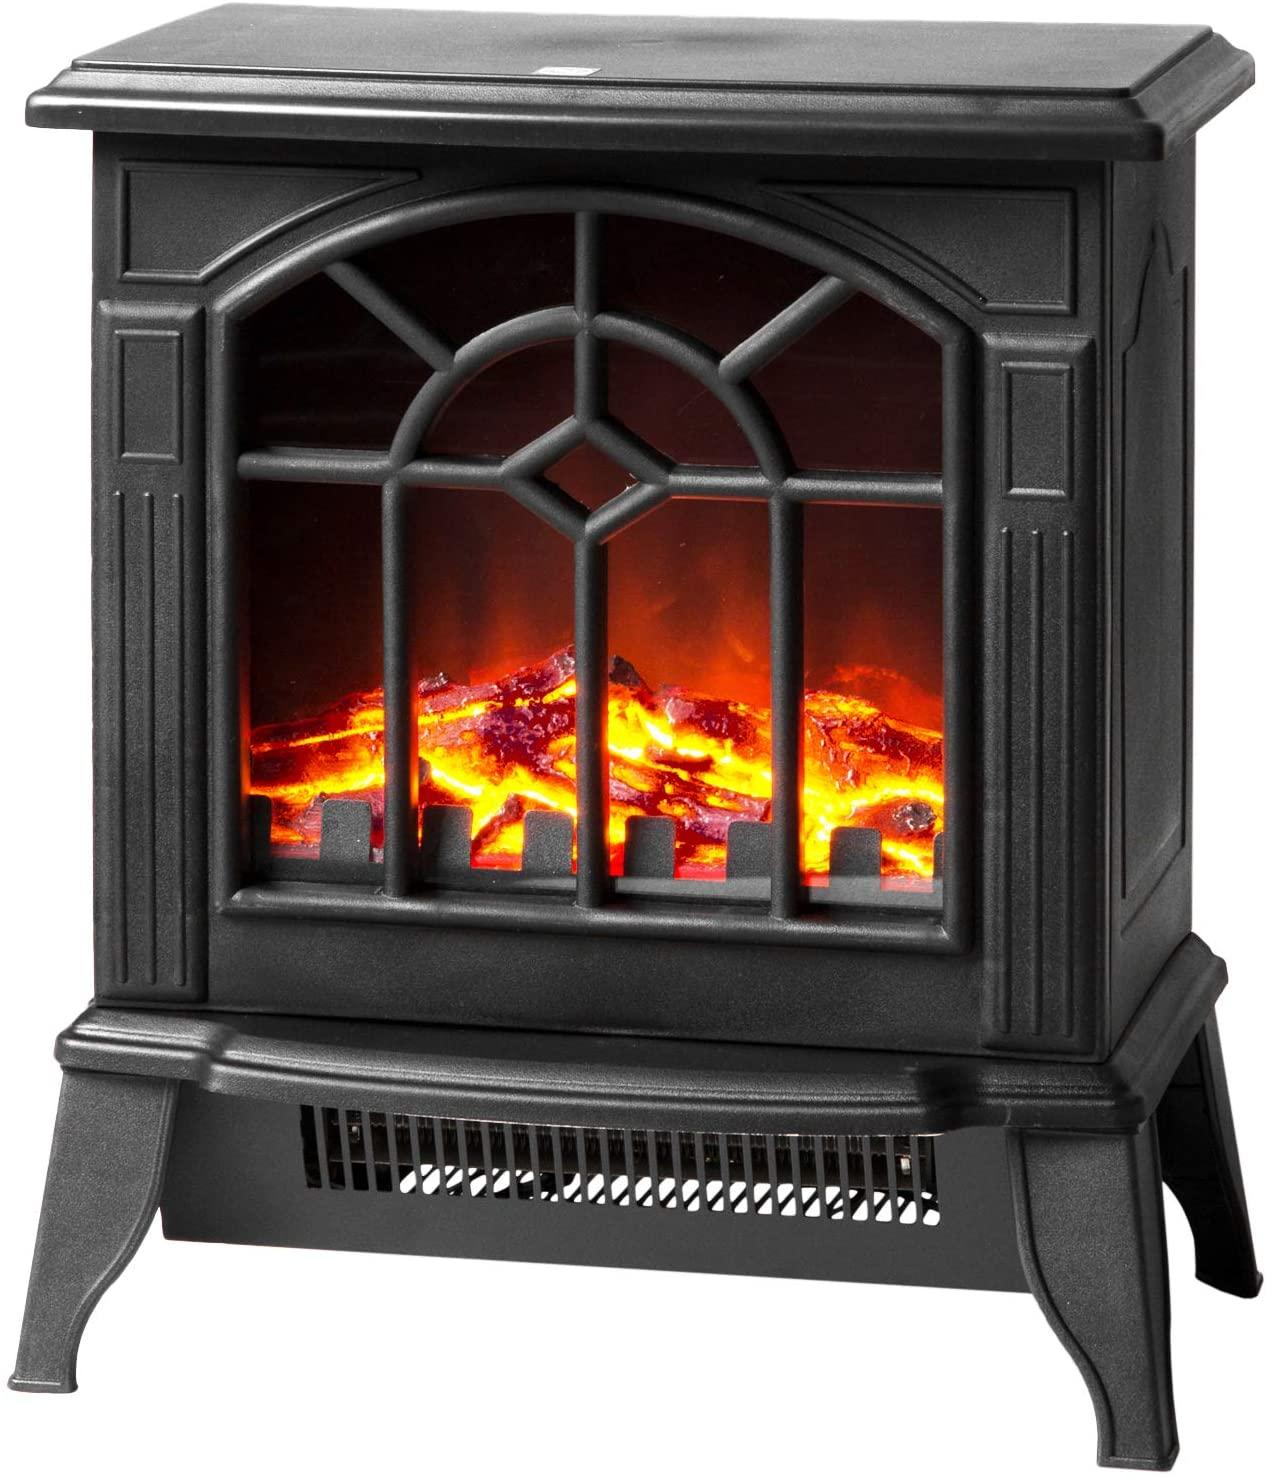 暖炉型ヒーターのおすすめ9選!加湿機能付きも【2021年版】